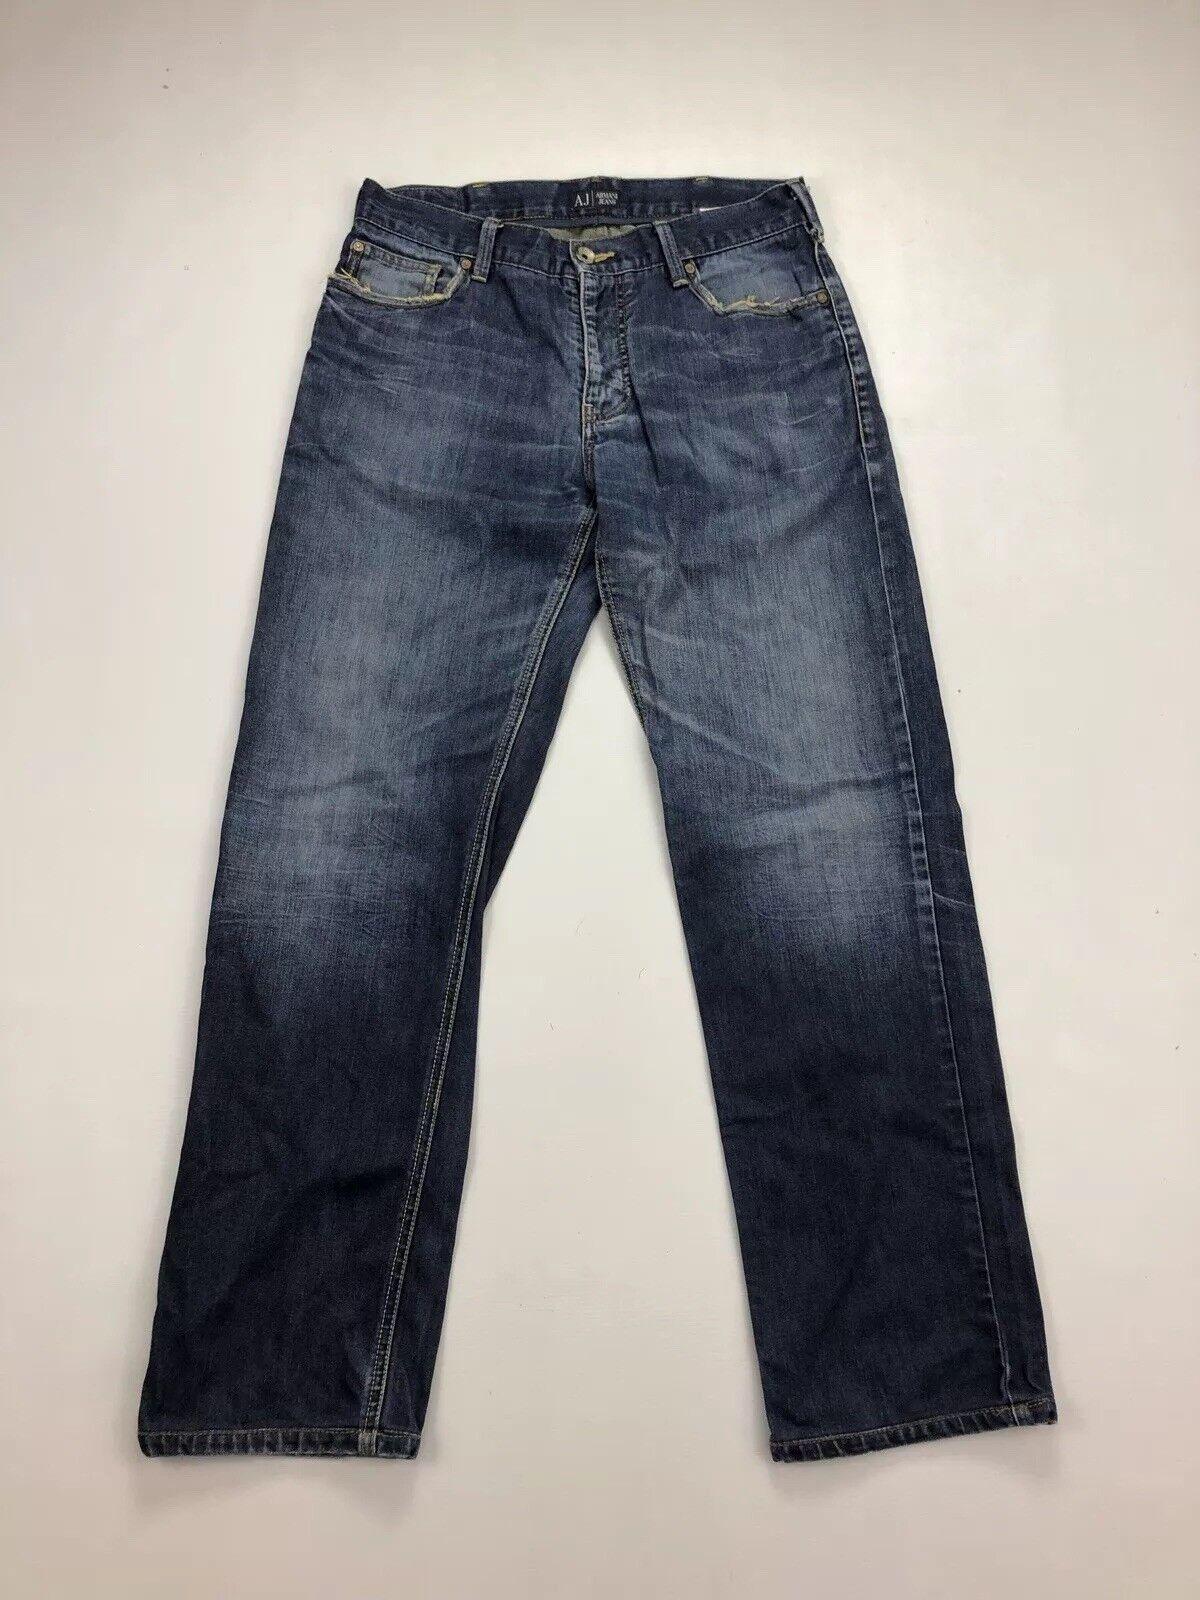 ARMANI Regular Fit Jeans - W33 L32 - Navy - Great Condition - Men's     | Lass unsere Waren in die Welt gehen  | Lass unsere Waren in die Welt gehen  | Überlegen